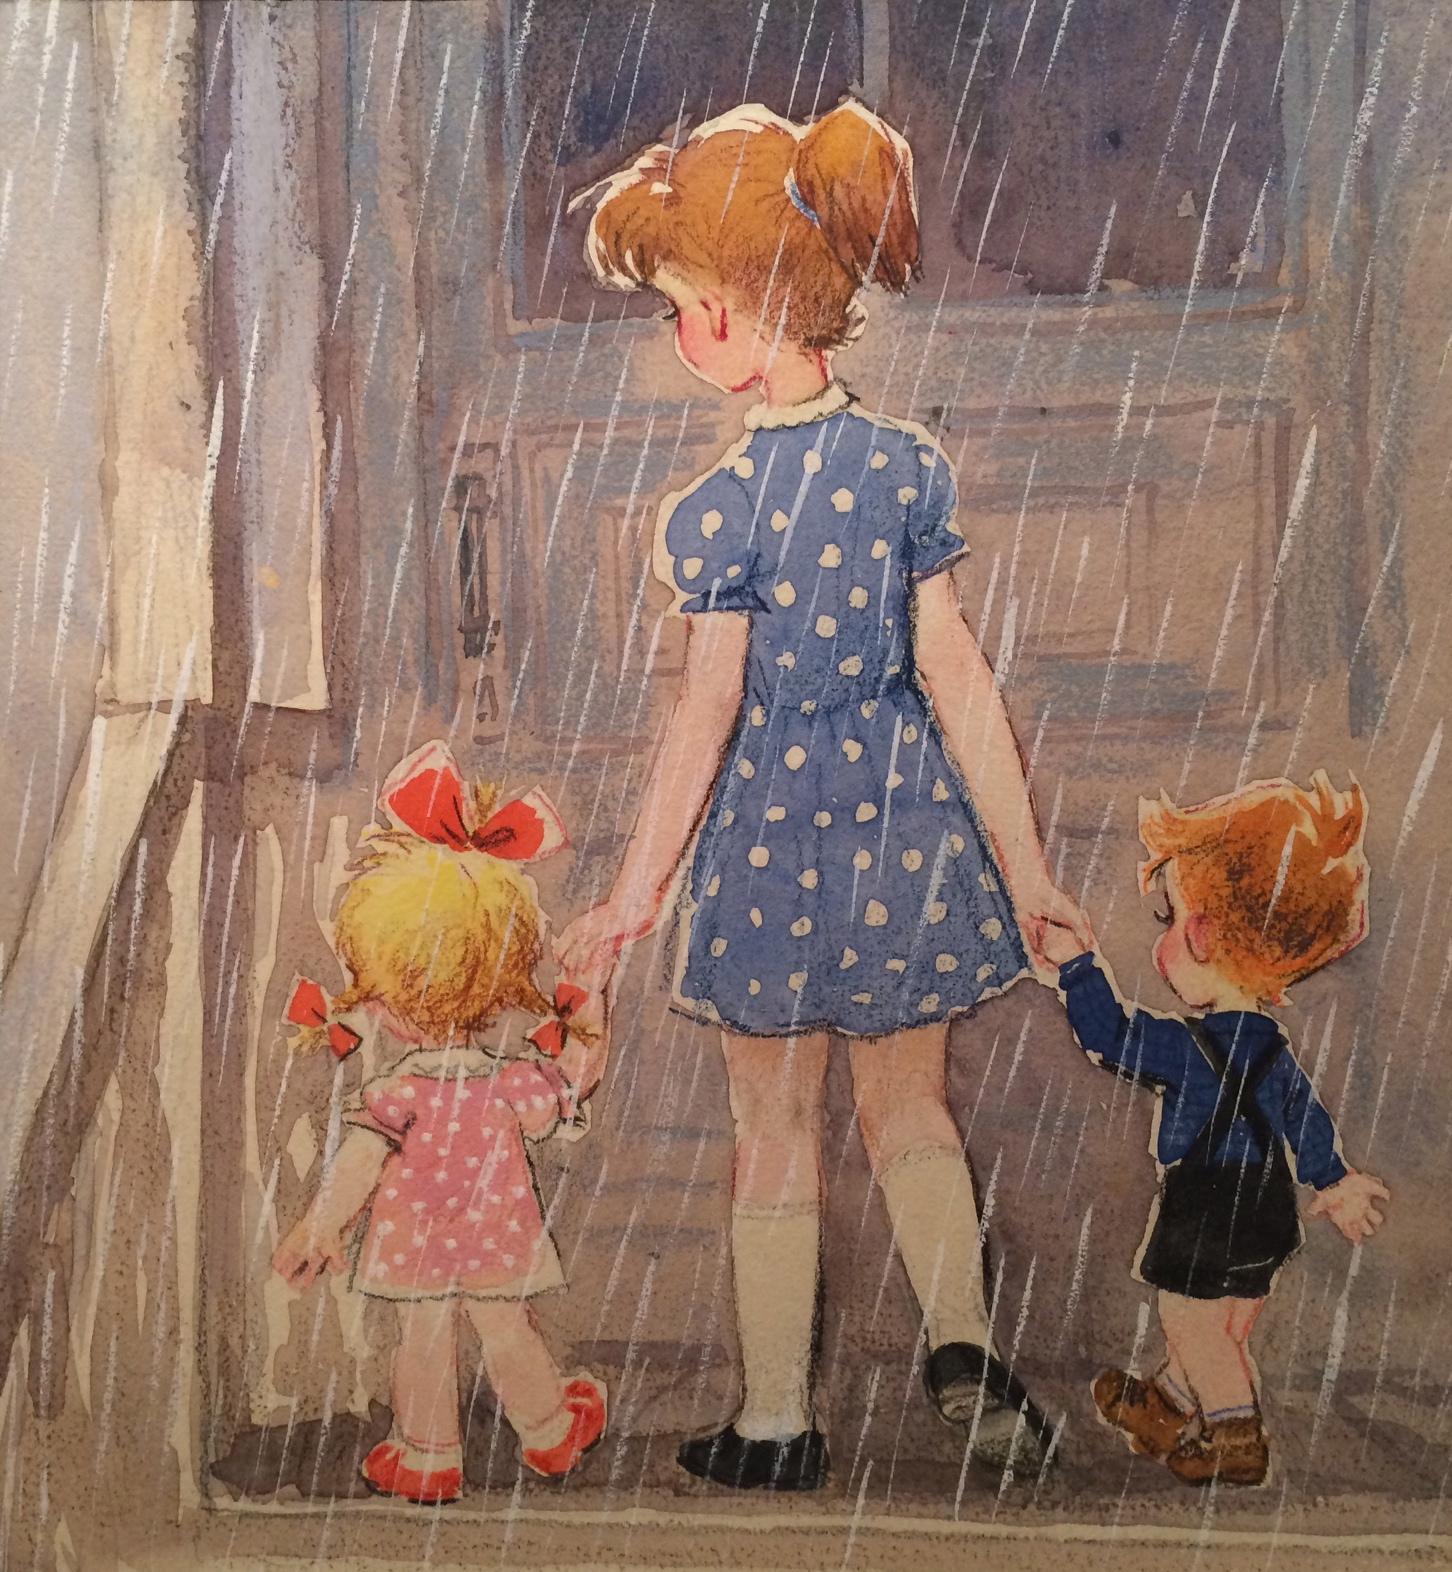 Зеброва Тамара Александровна. Дети пошли домой